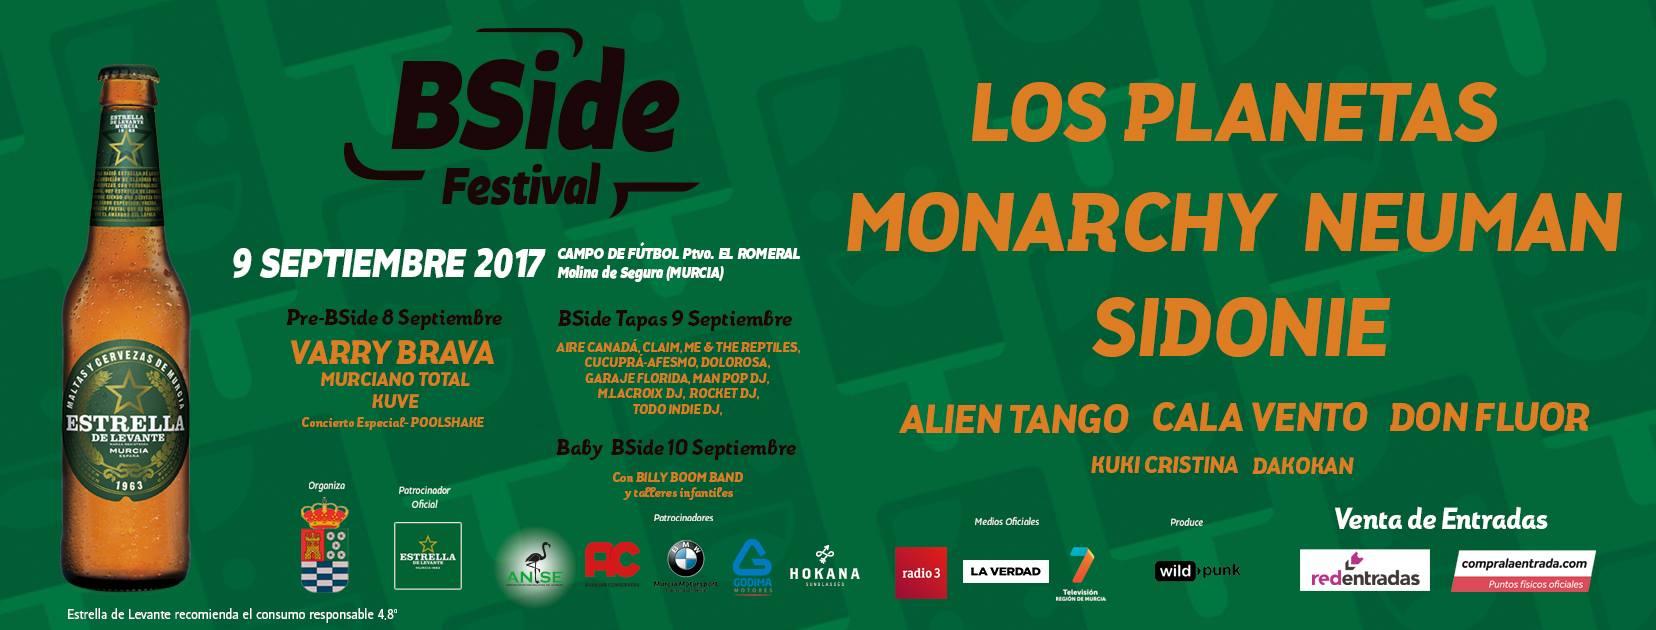 BSide Festival 2017: Confirmaciones y entradas